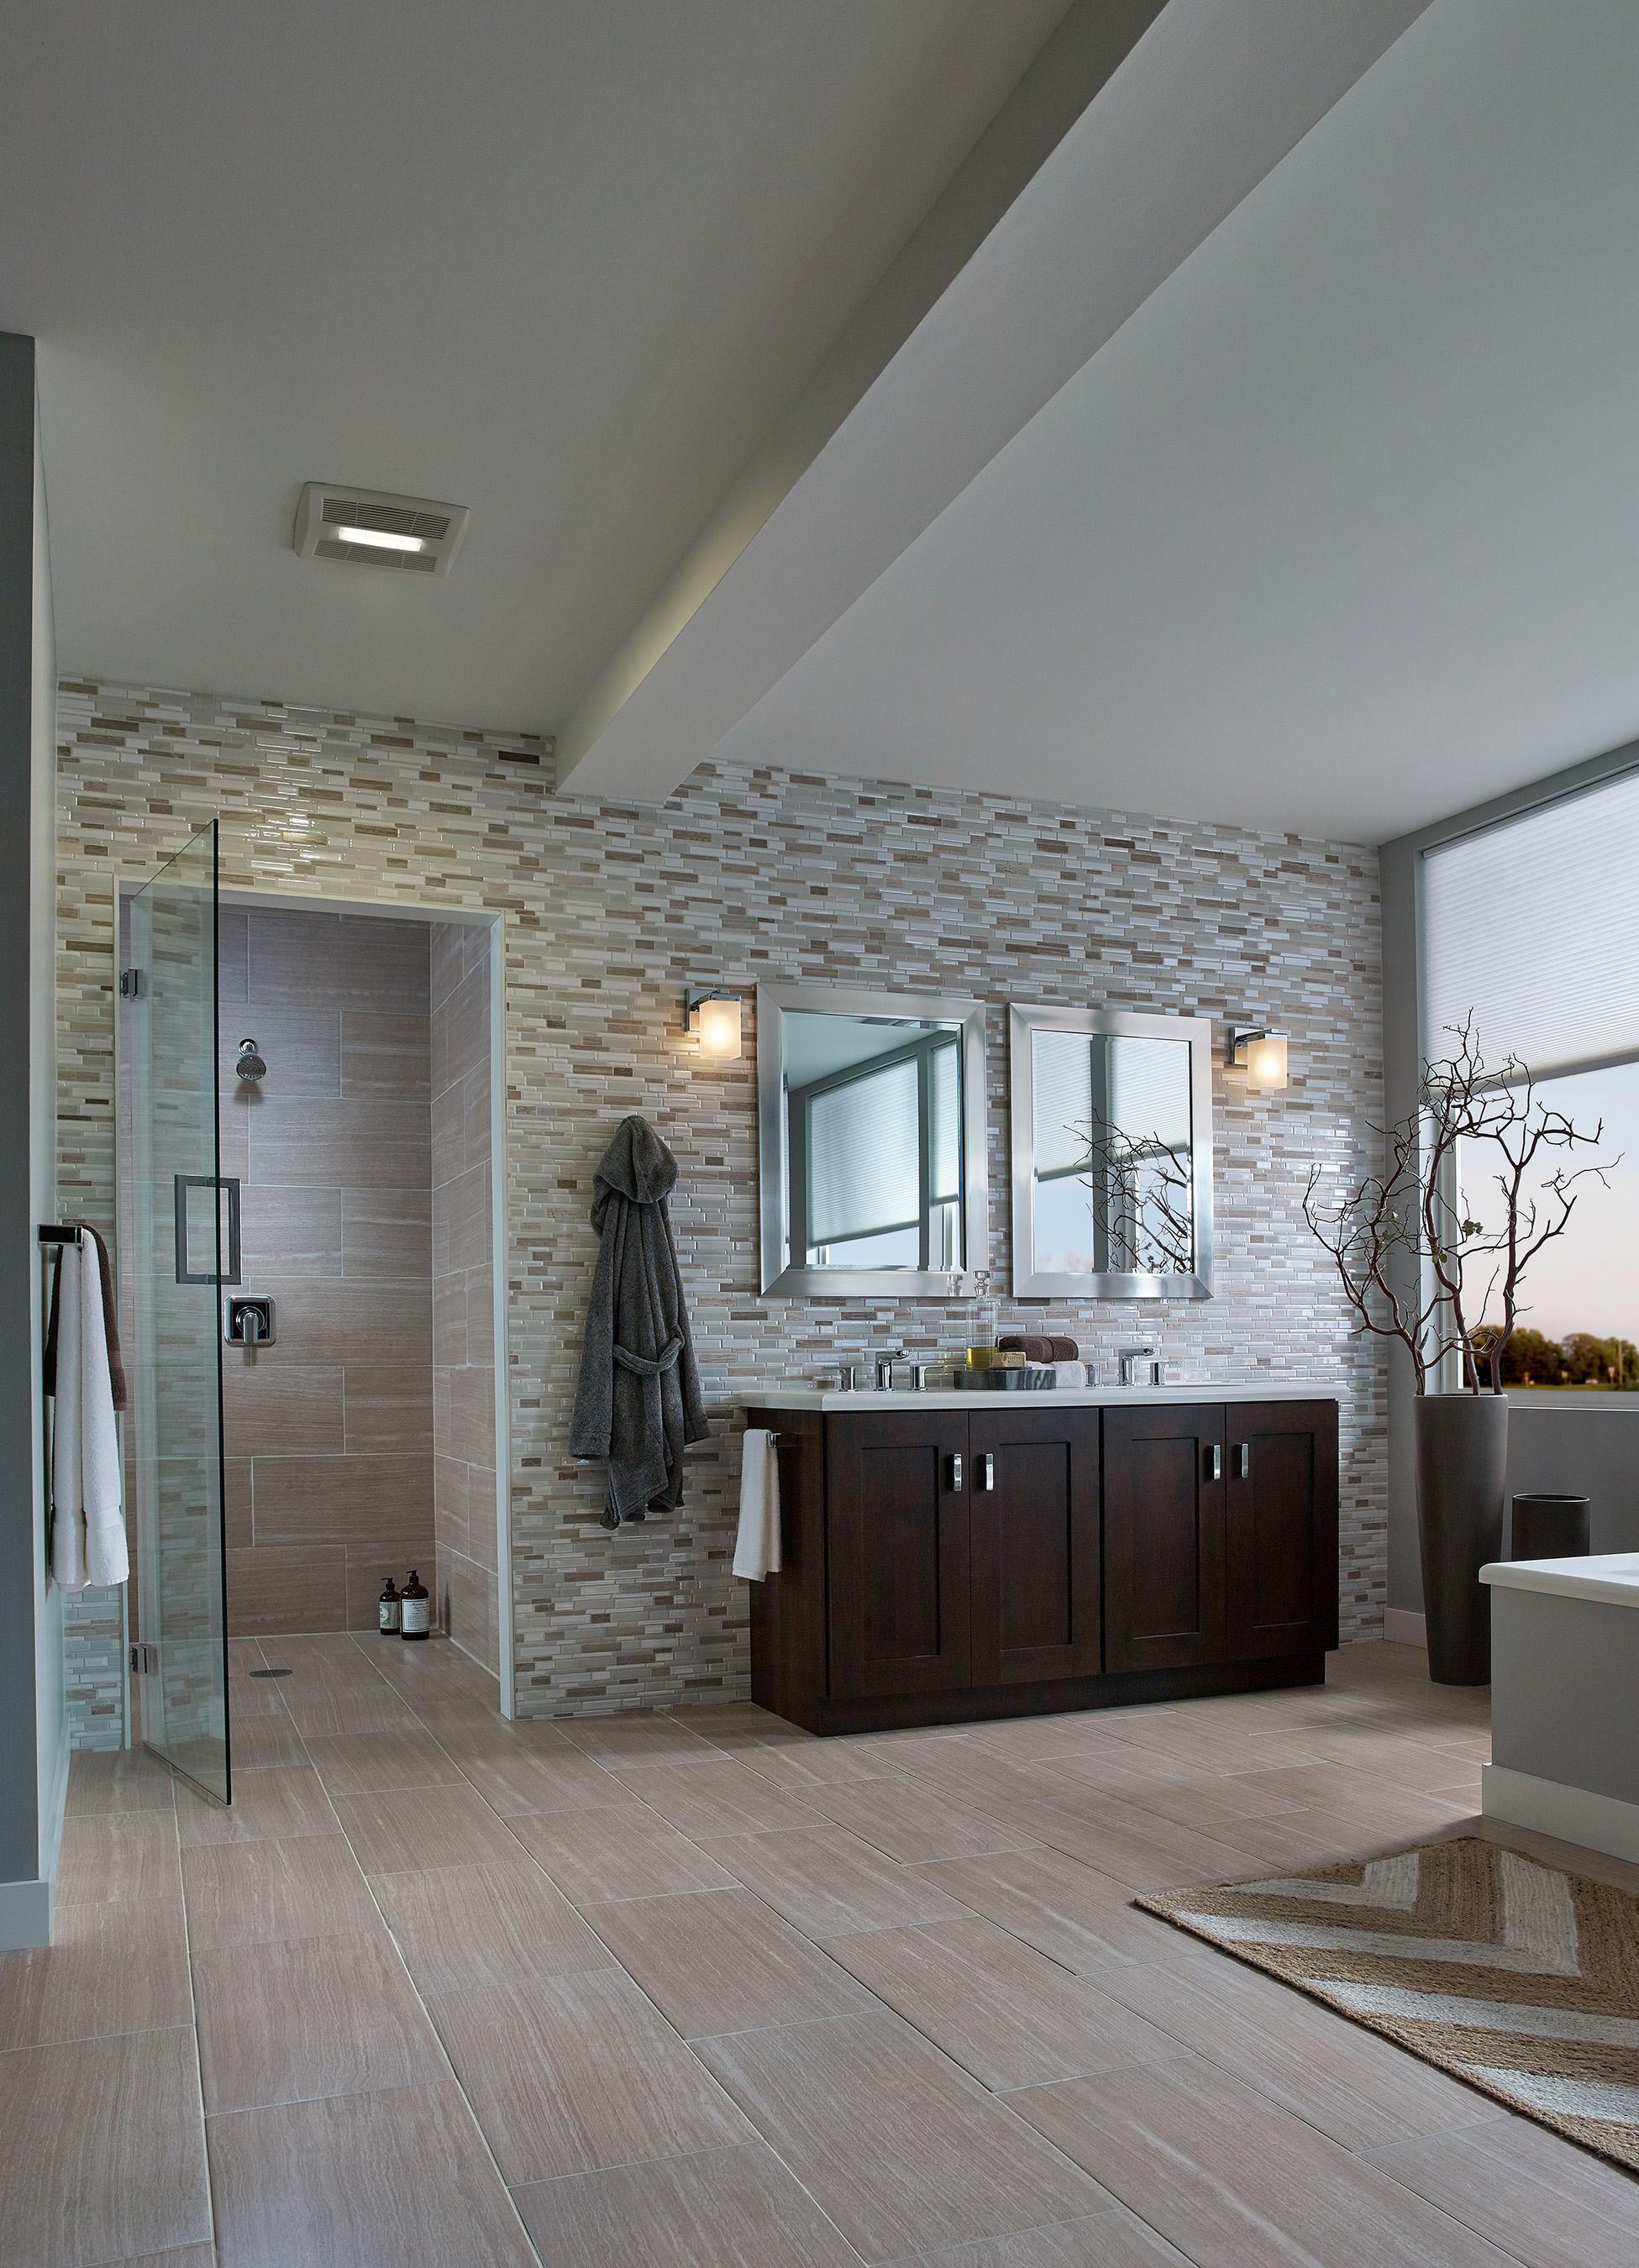 Ventilateur de salle de bain avec lumiere ventilateur for Fan de salle de bain avec lumiere